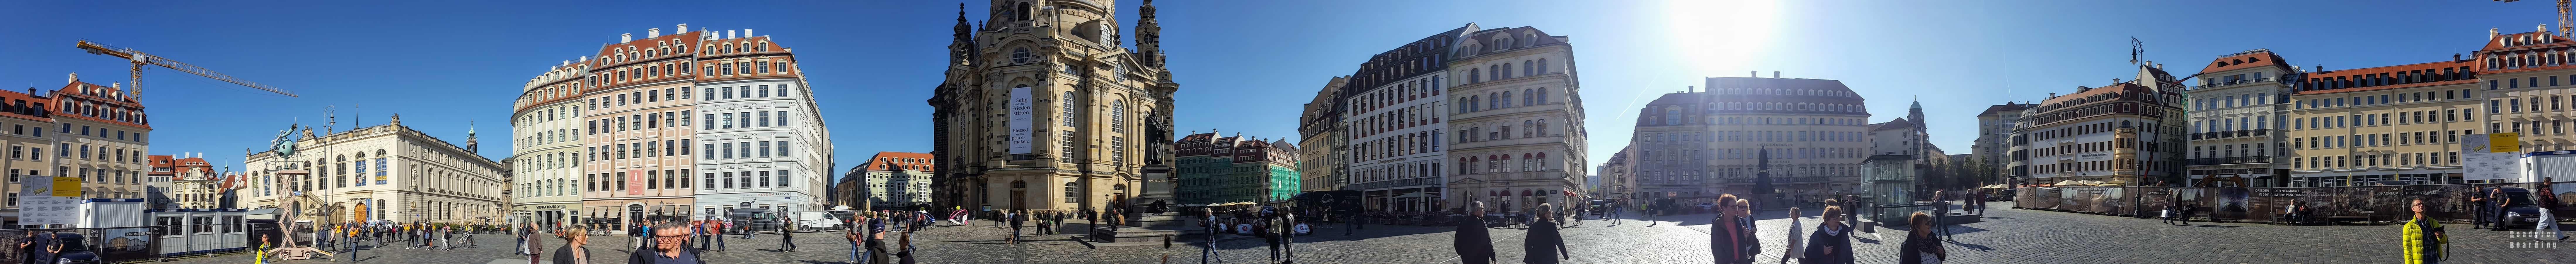 Panorama: Nowy Rynek w Dreźnie - Niemcy